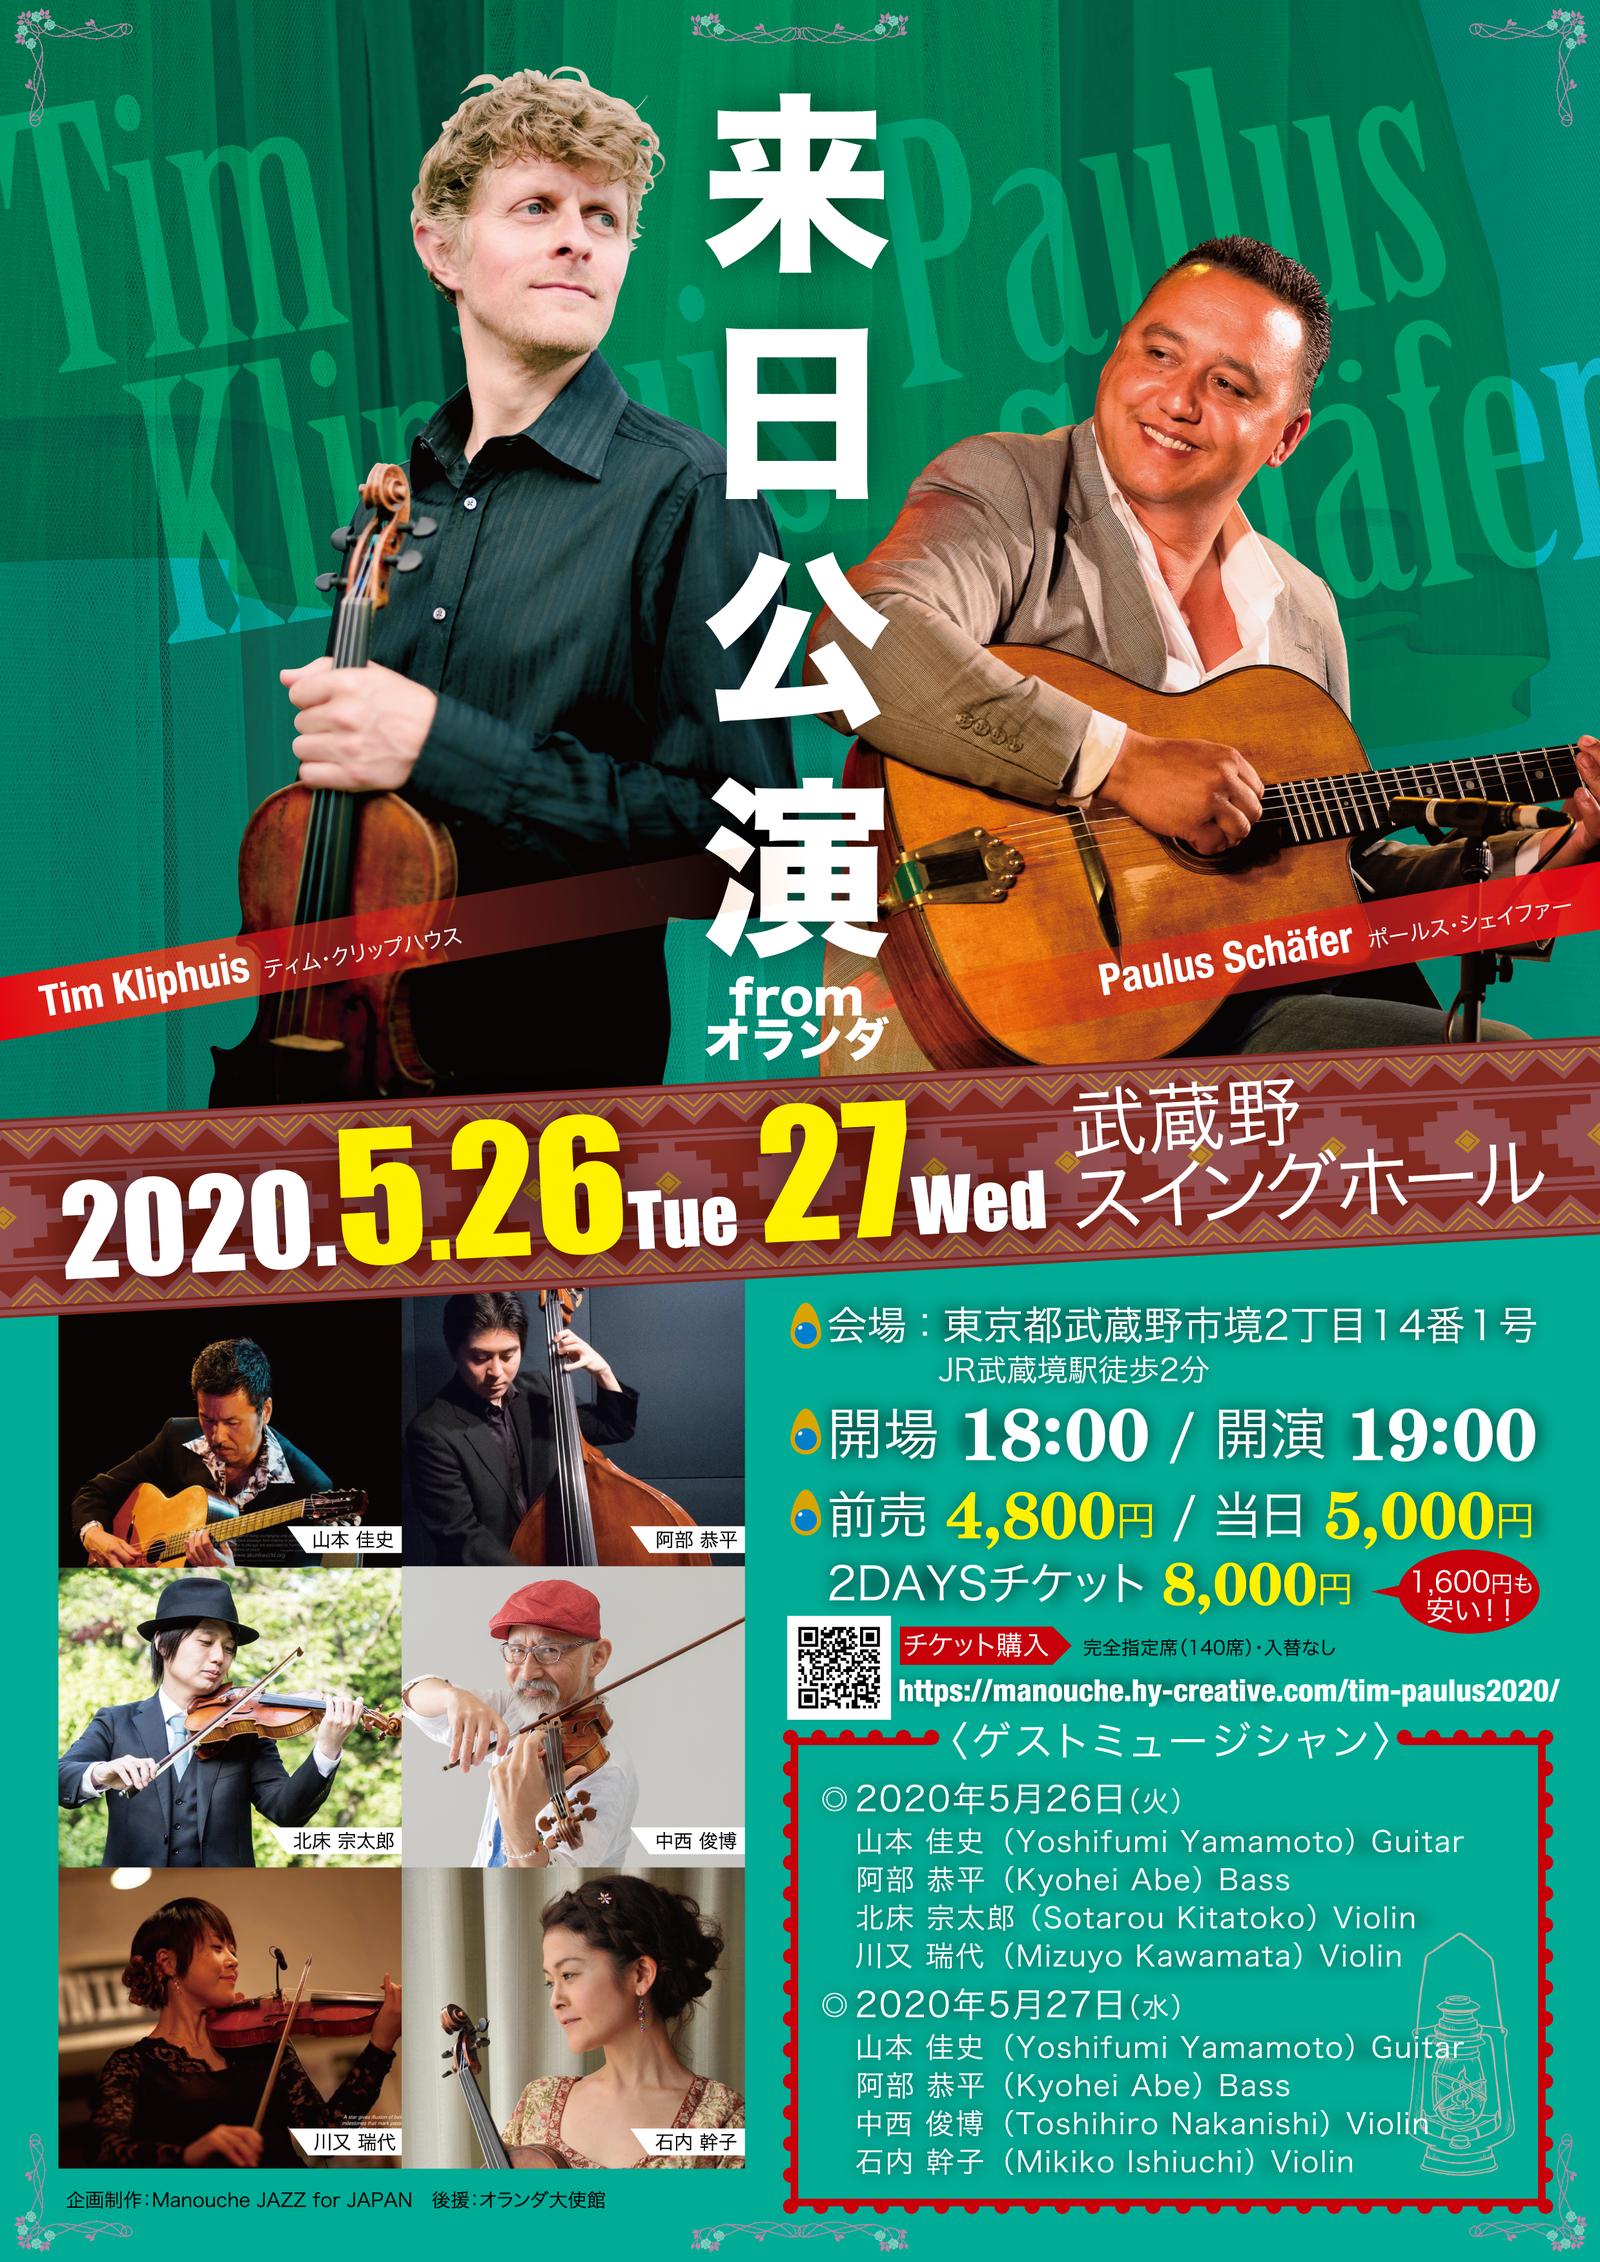 東京公演2DAYS